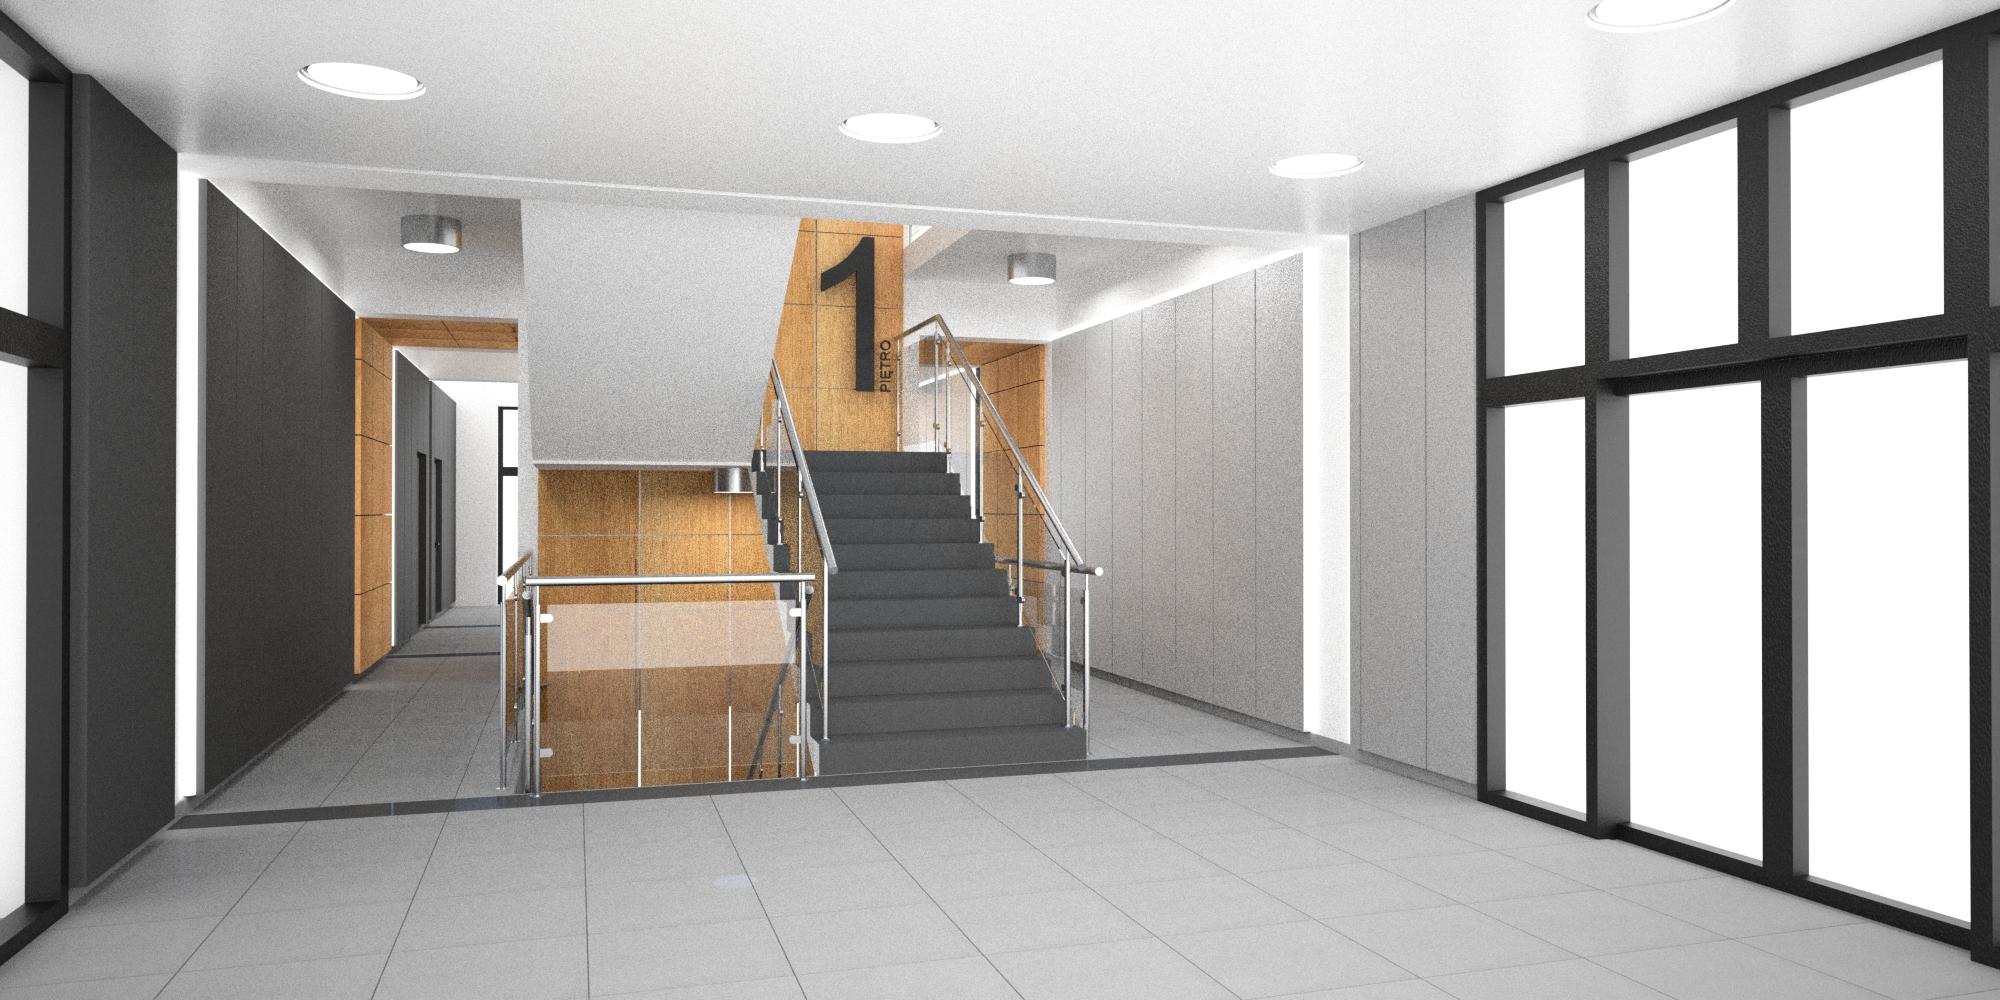 projekt klatki schodowej i holu